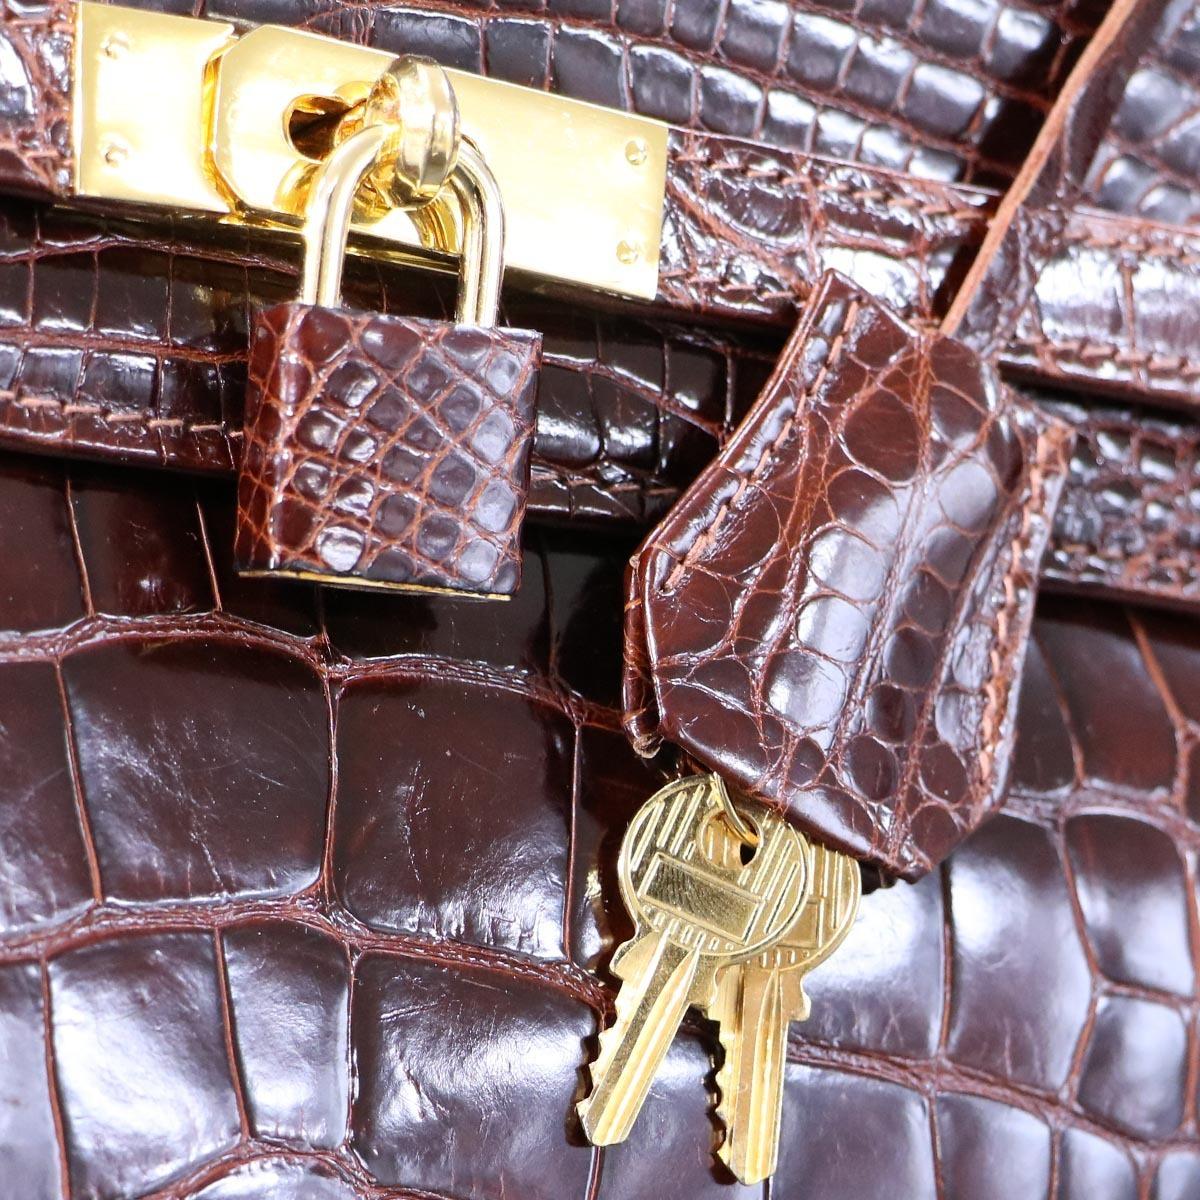 本物 超美品 最高級イタリア製 クロコダイルレザー 鍵付き ケリーバッグ ハンドバッグ 総ワニ革 クロコレザー トートバッグ_画像6